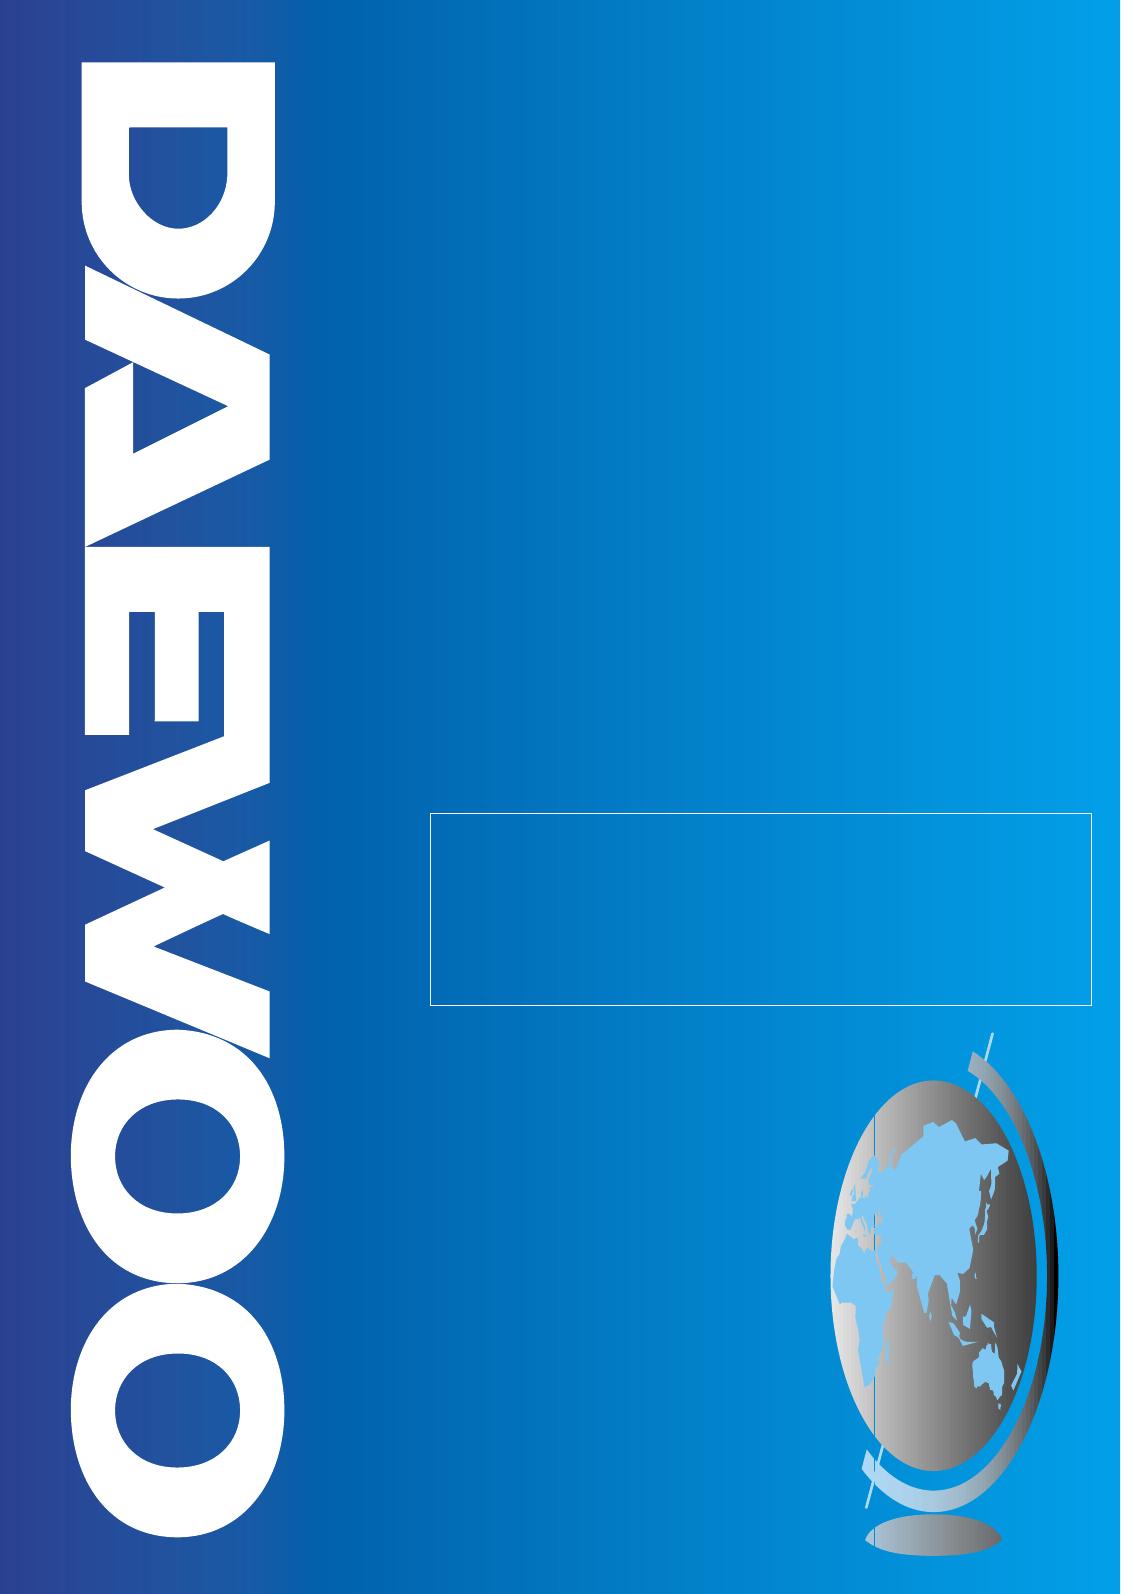 Service Manual. Microwave Oven. Model: KOR-63D79S. KOR-63D70S. KOR-63F79S.  KOR-63F70S